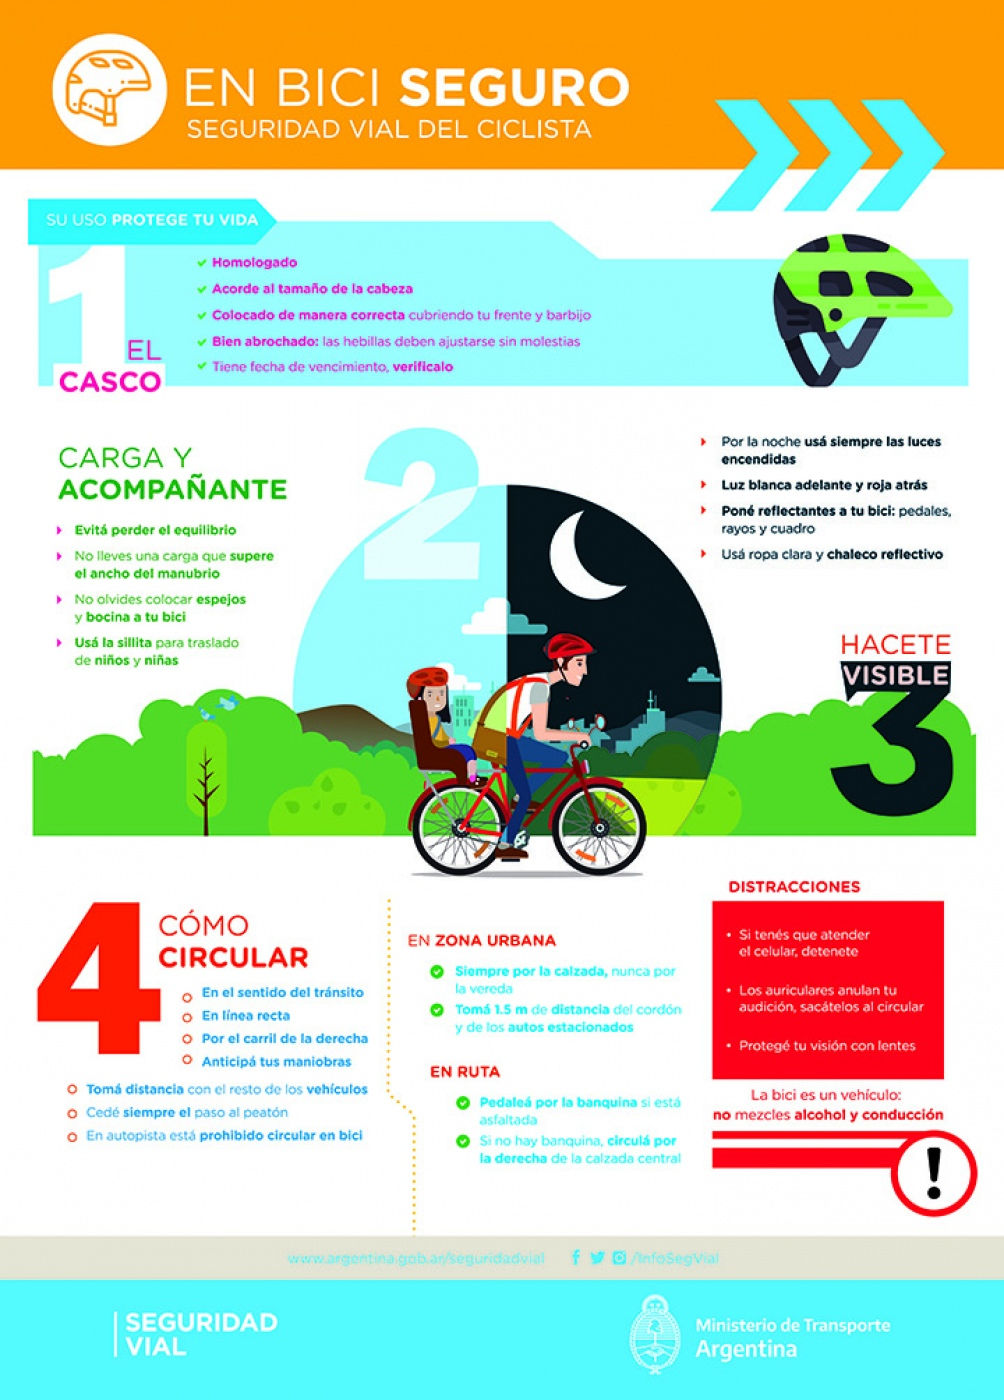 Los consejos del Ministerio de Transporte para los pequeños ciclistas.